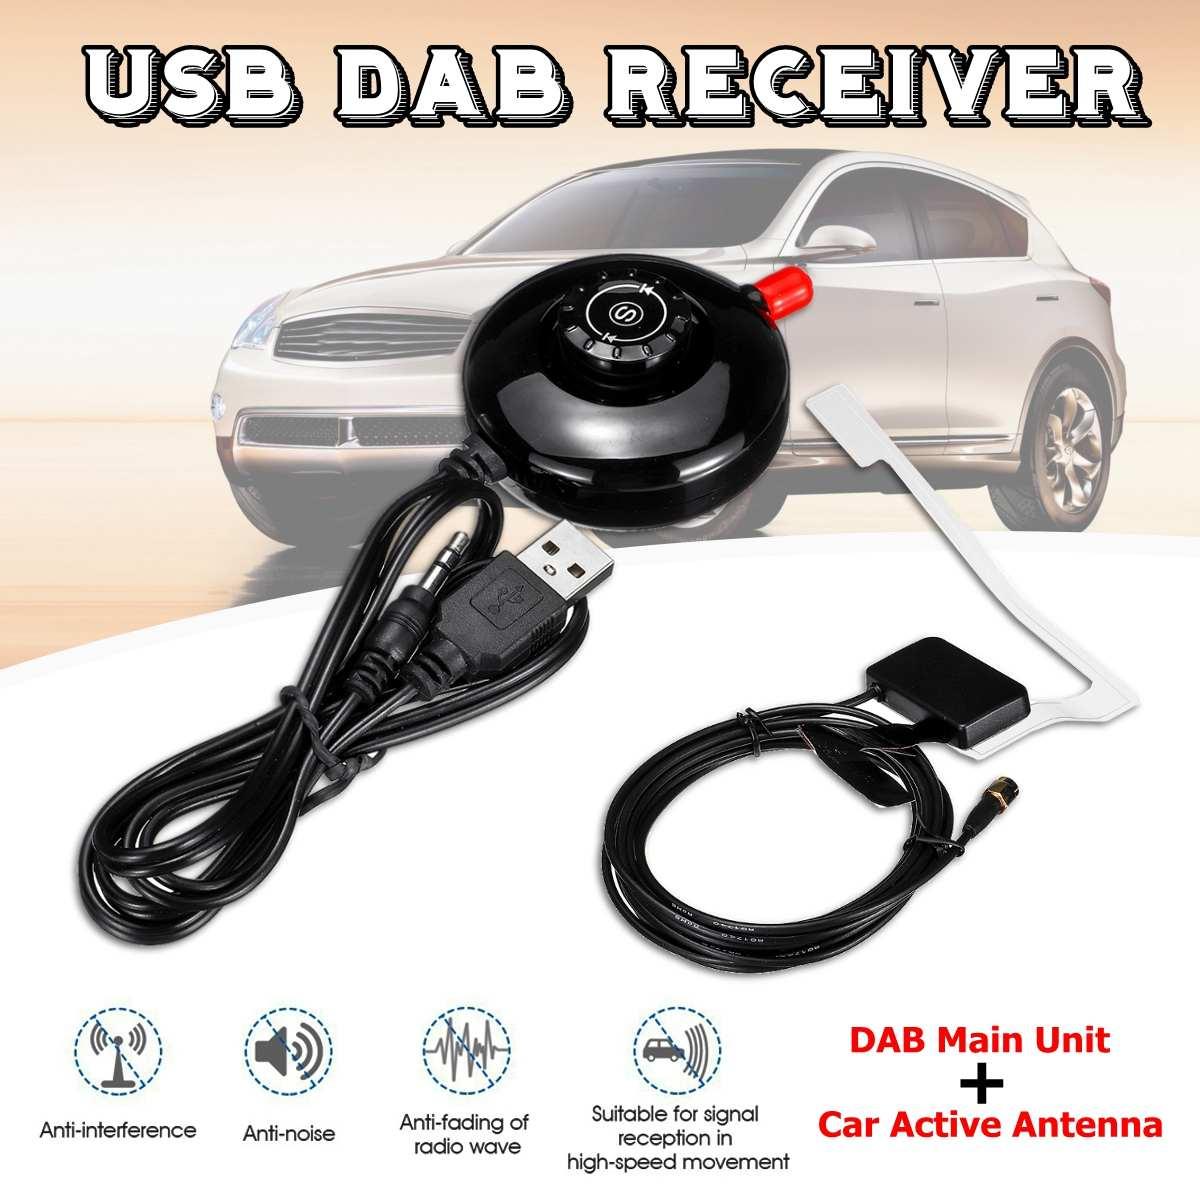 Antenne de voiture coche antenne récepteur stéréo et récepteur Radio numérique Portable Dab de voiture avec panneau de LED d'antenne Active d'utilisation de voiture